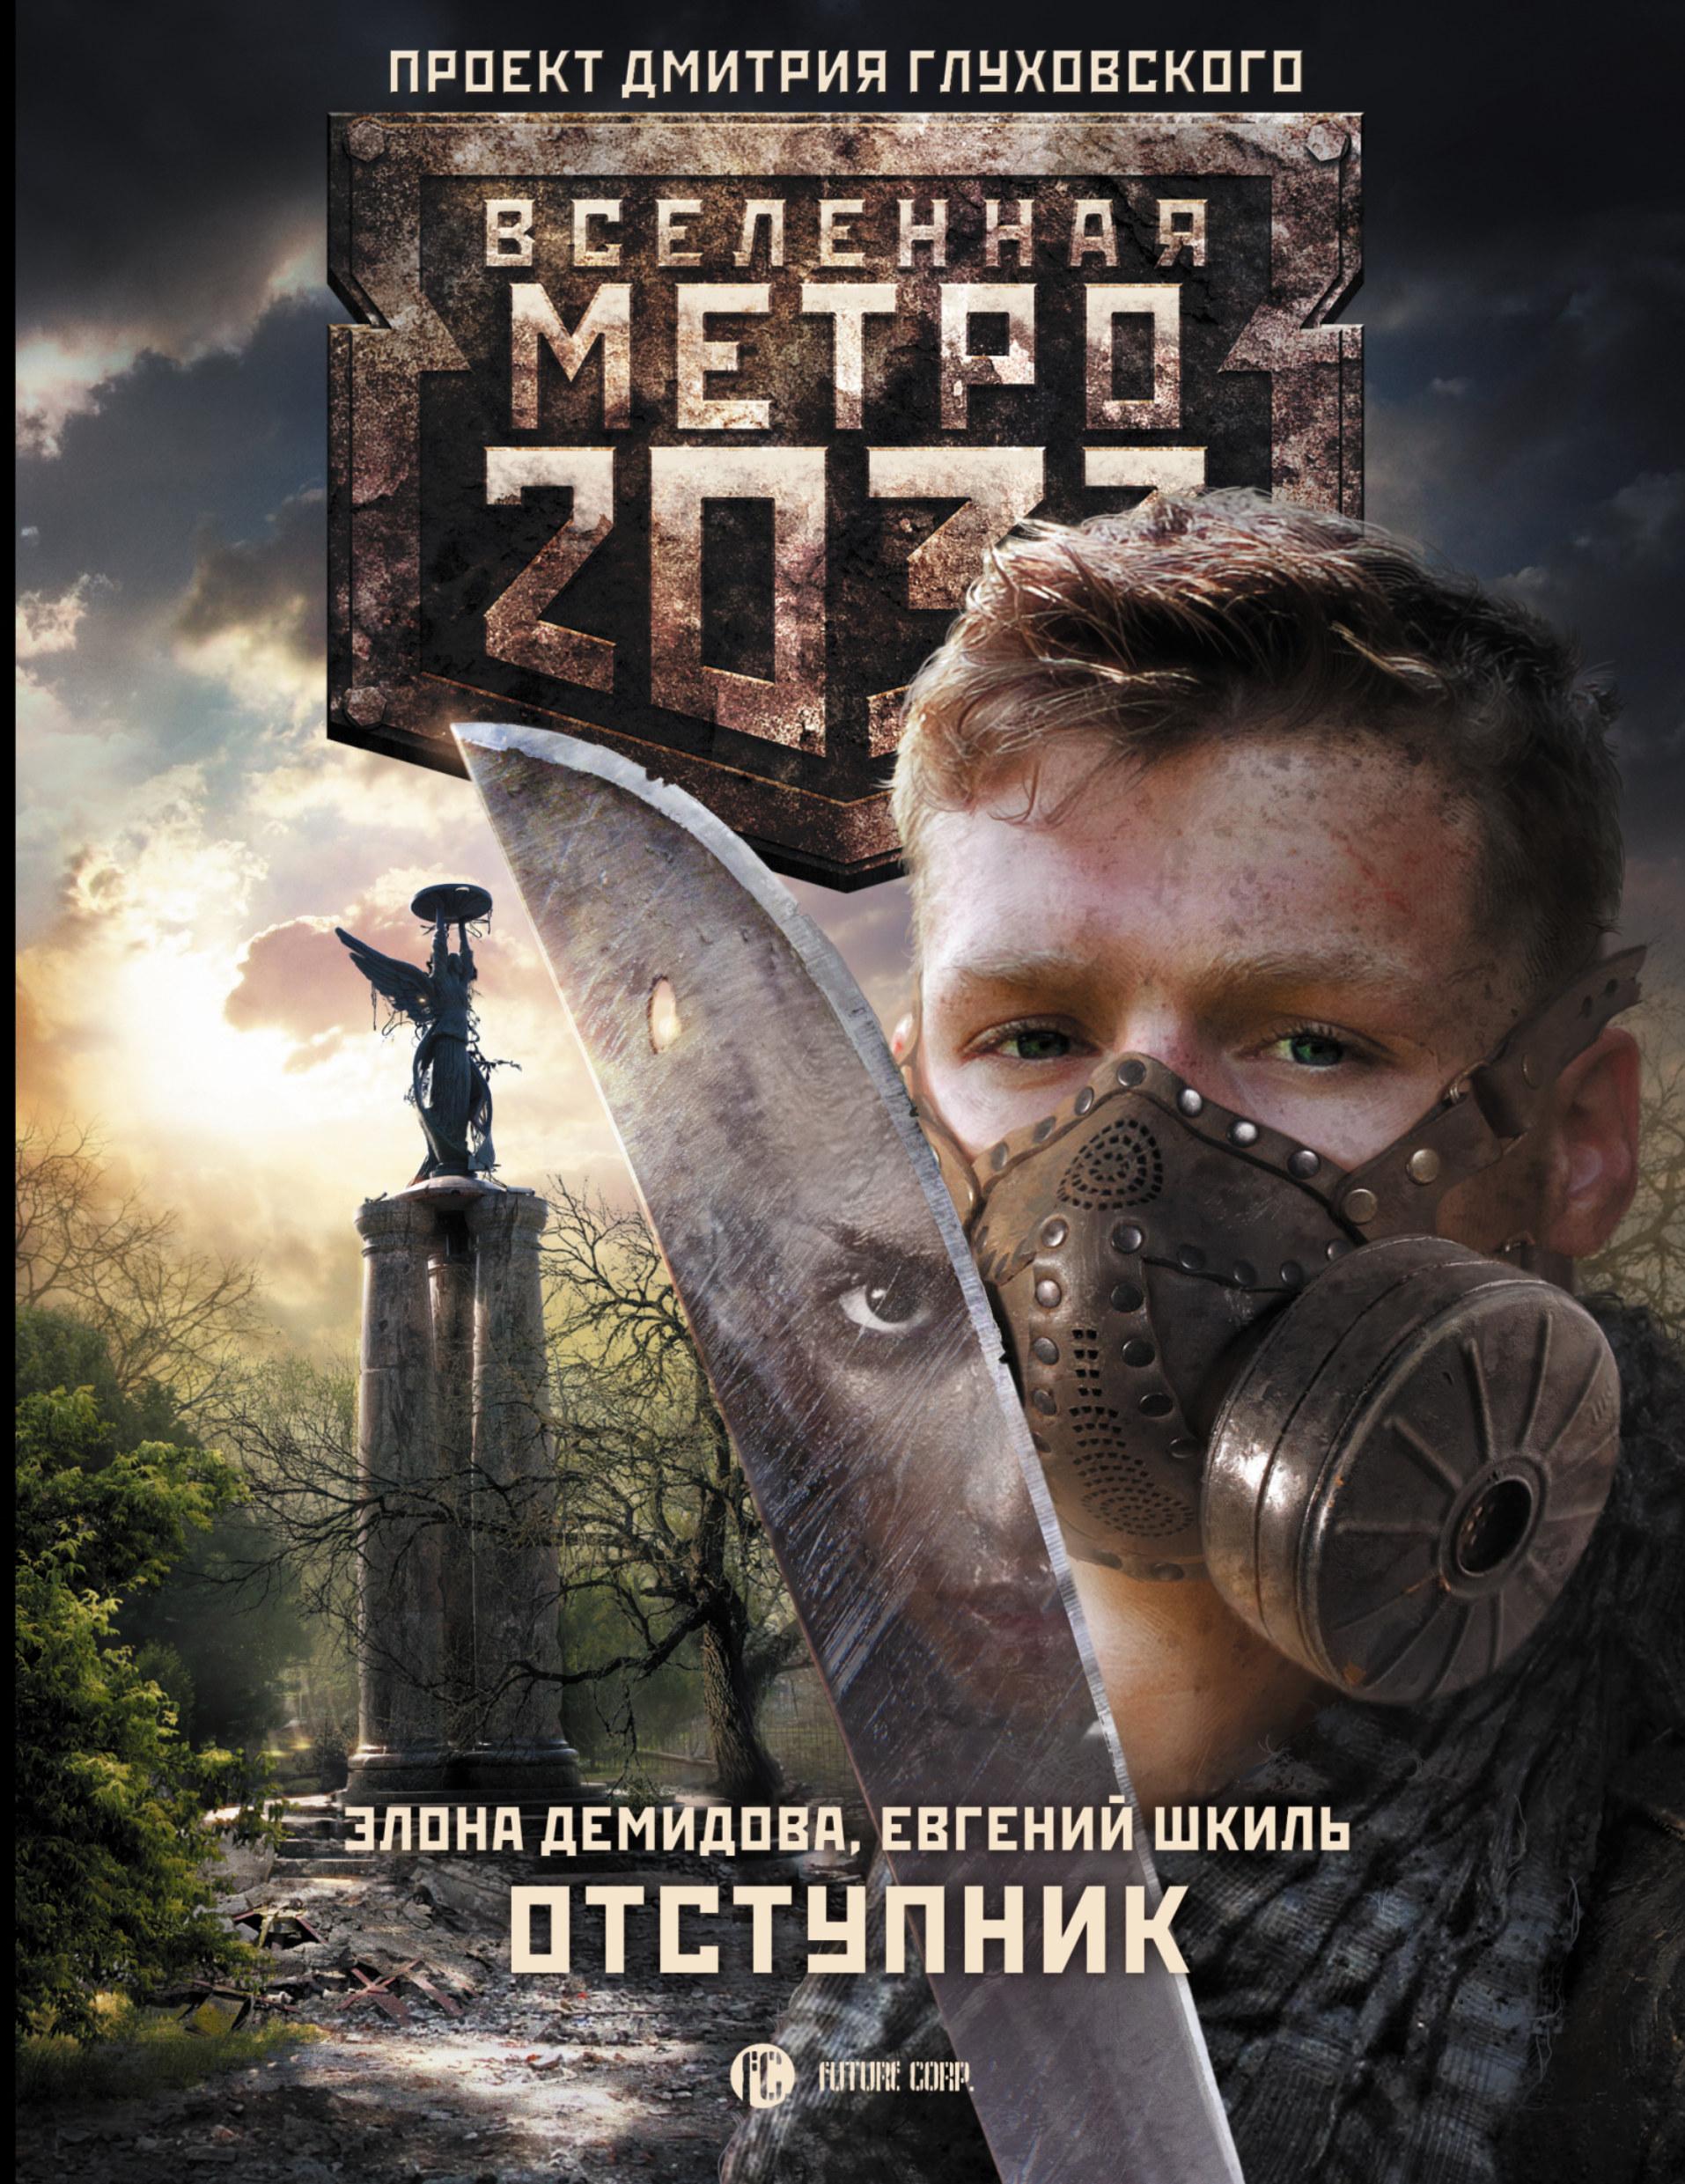 Демидова Э., Шкиль Е. Метро 2033: Отступник сергей семенов метро 2033 о чем молчат выжившие сборник